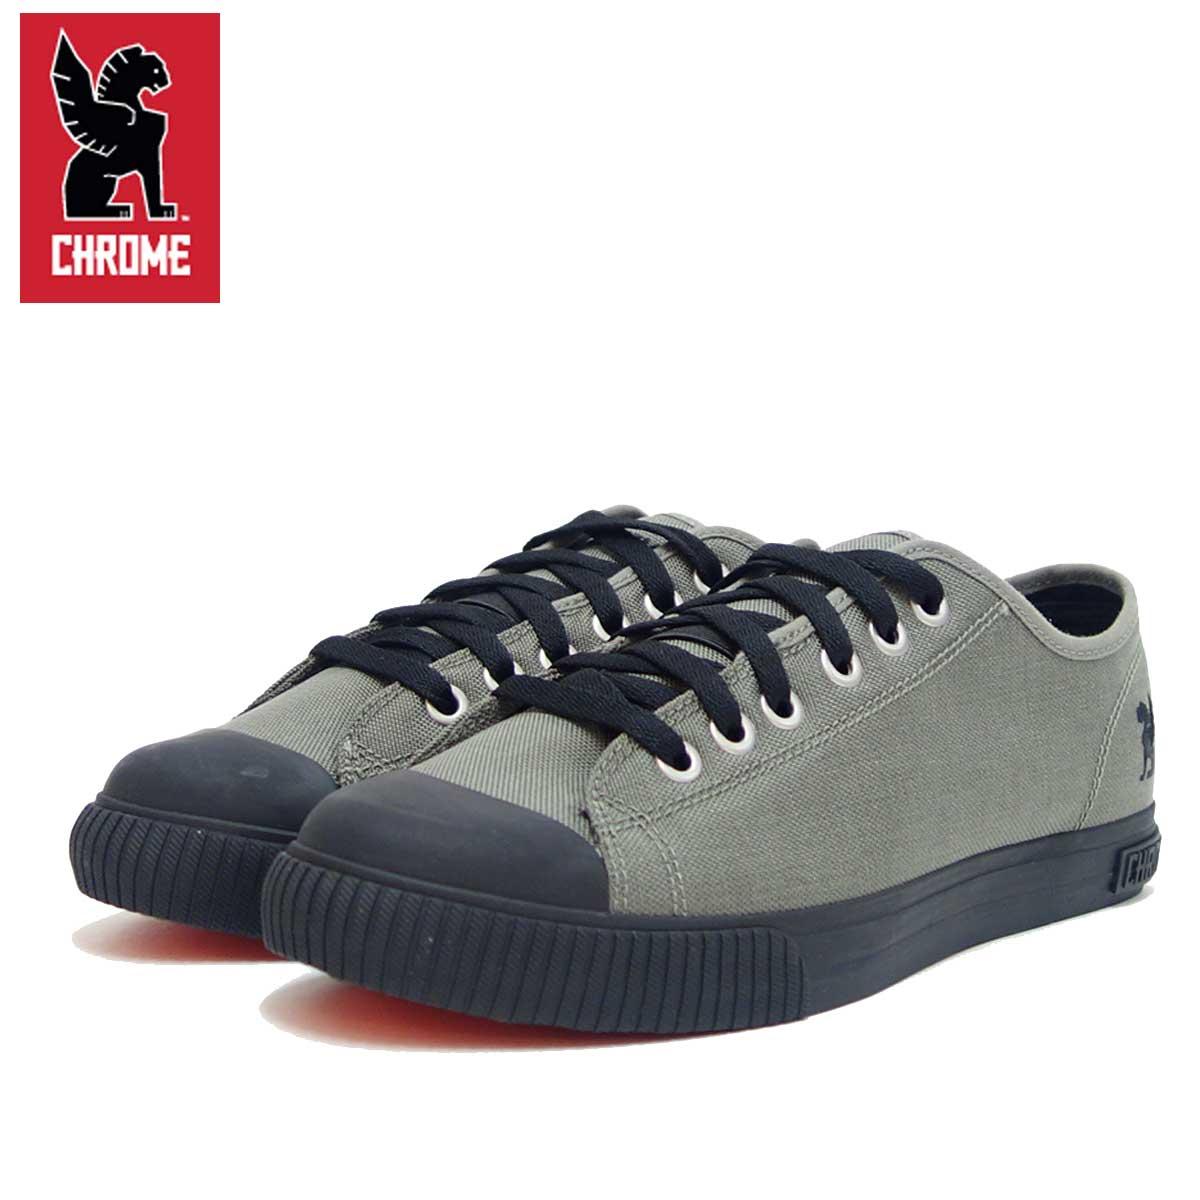 クローム CHROME KURSK(メンズ)グレー/ブラック (FW-106-GYBL) タフなキャンバススニーカー 「靴」